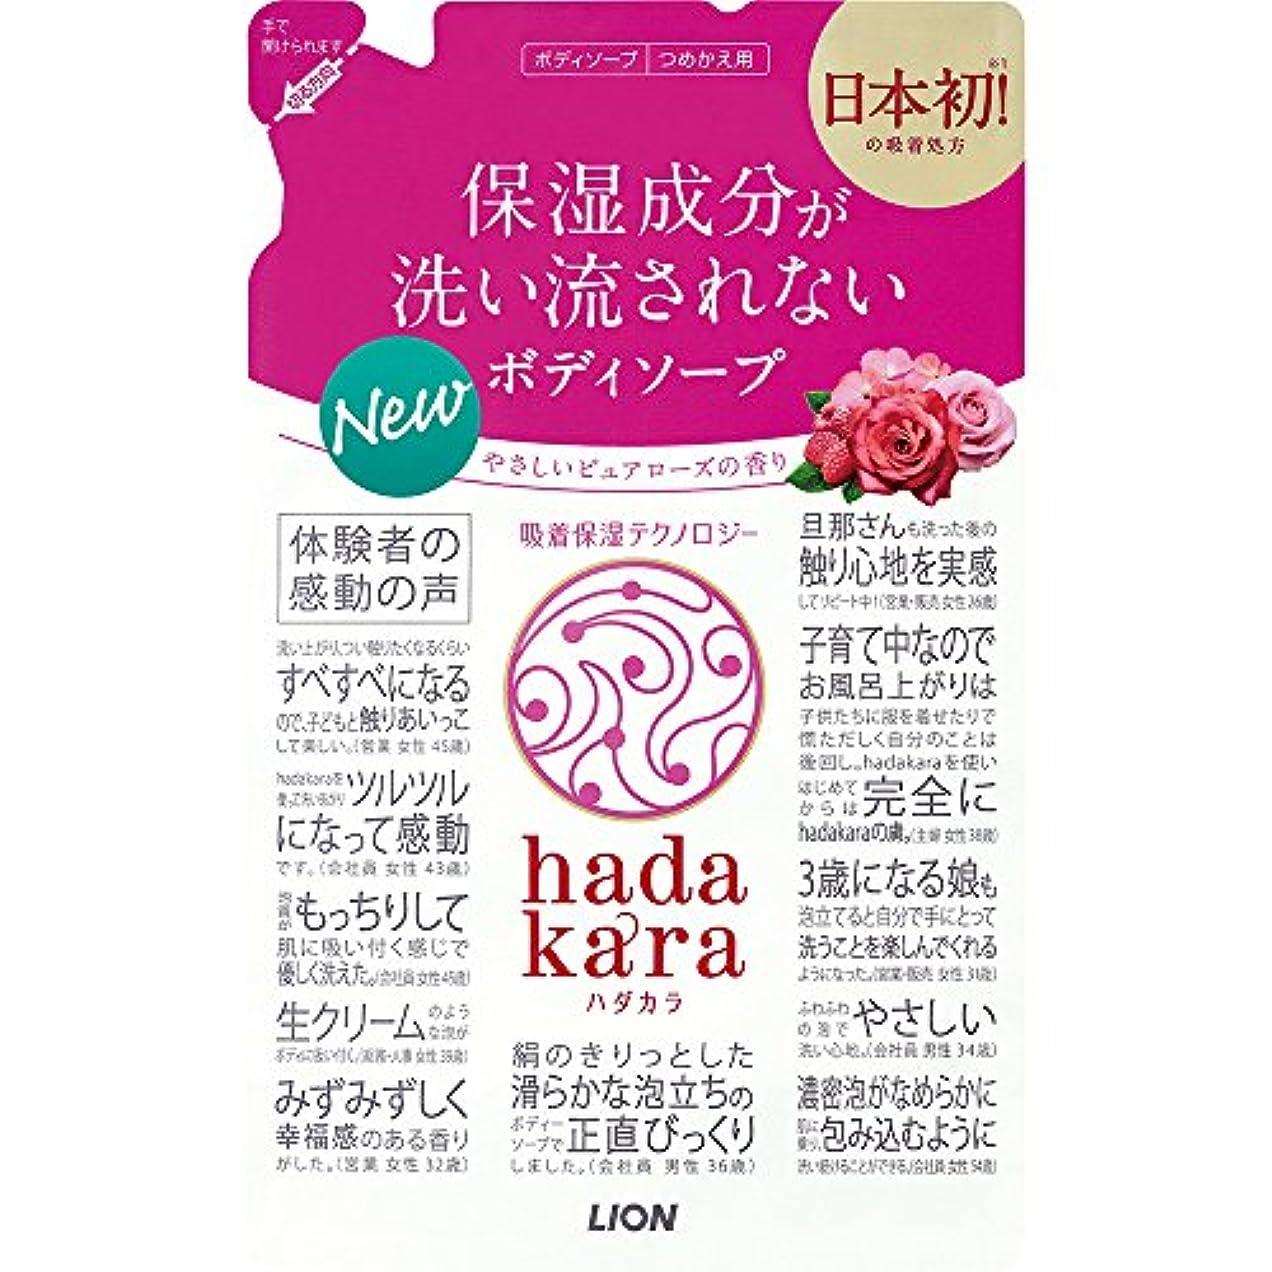 hadakara(ハダカラ) ボディソープ ピュアローズの香り 詰め替え 360ml